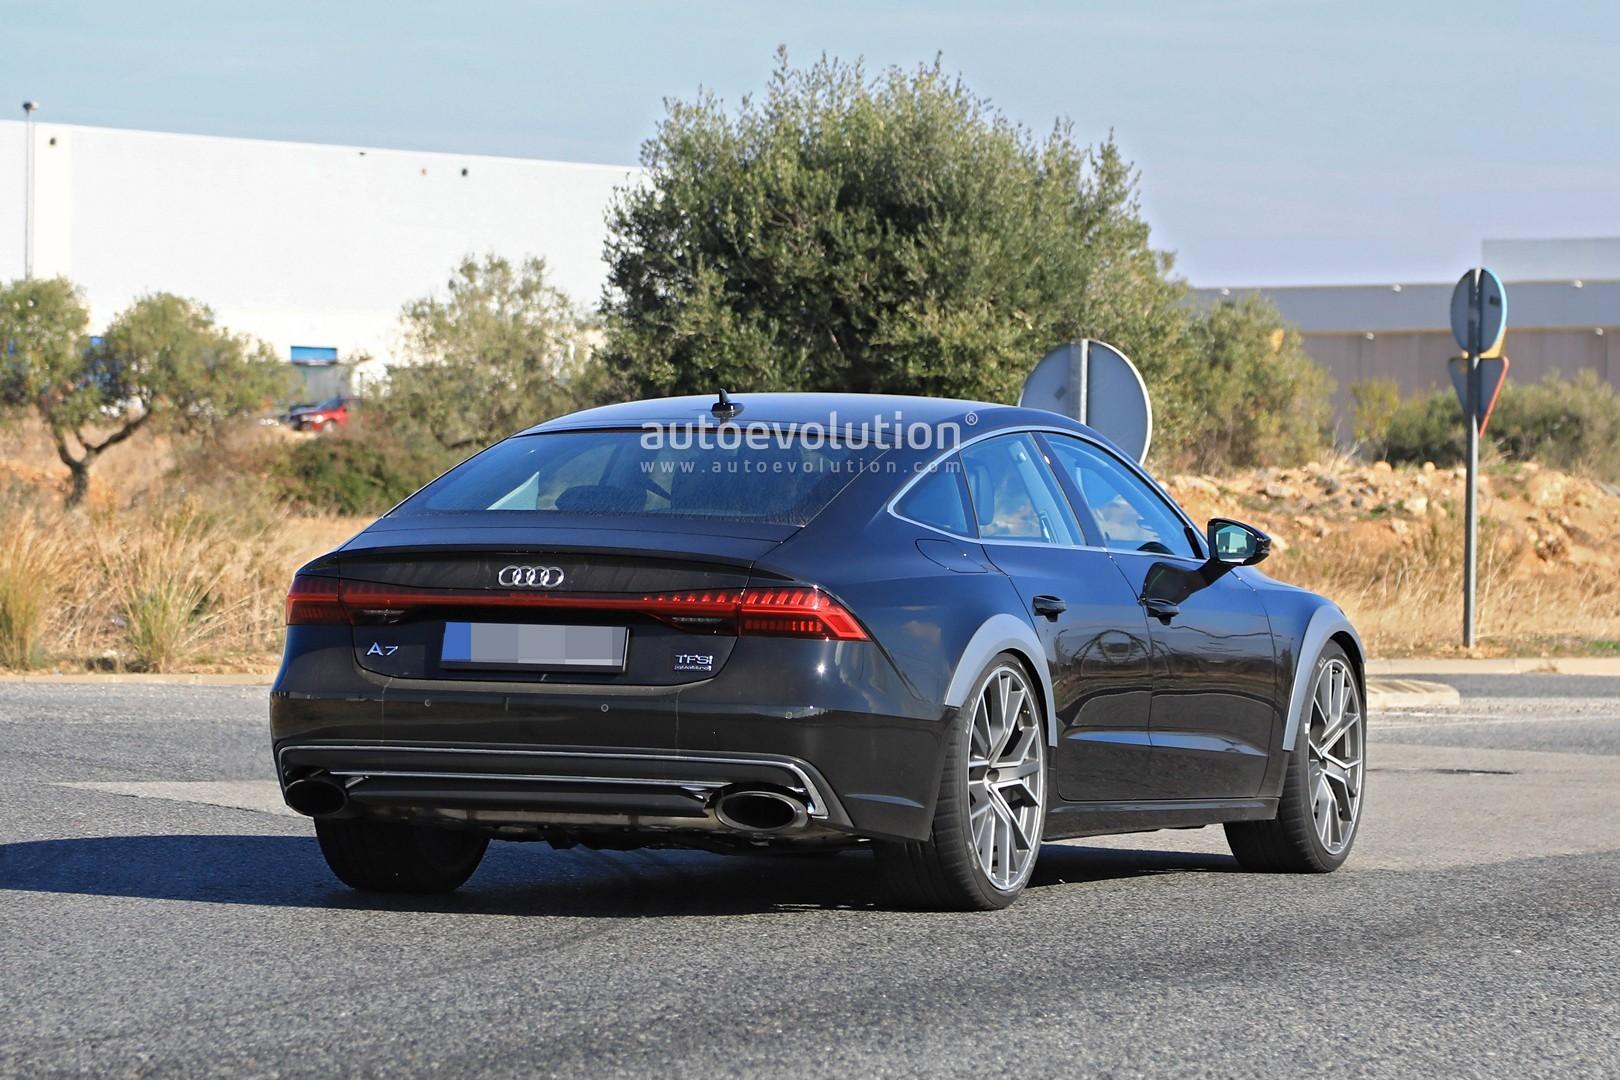 2019 Audi Rs7 Test Mule Makes Spyshots Debut Autoevolution